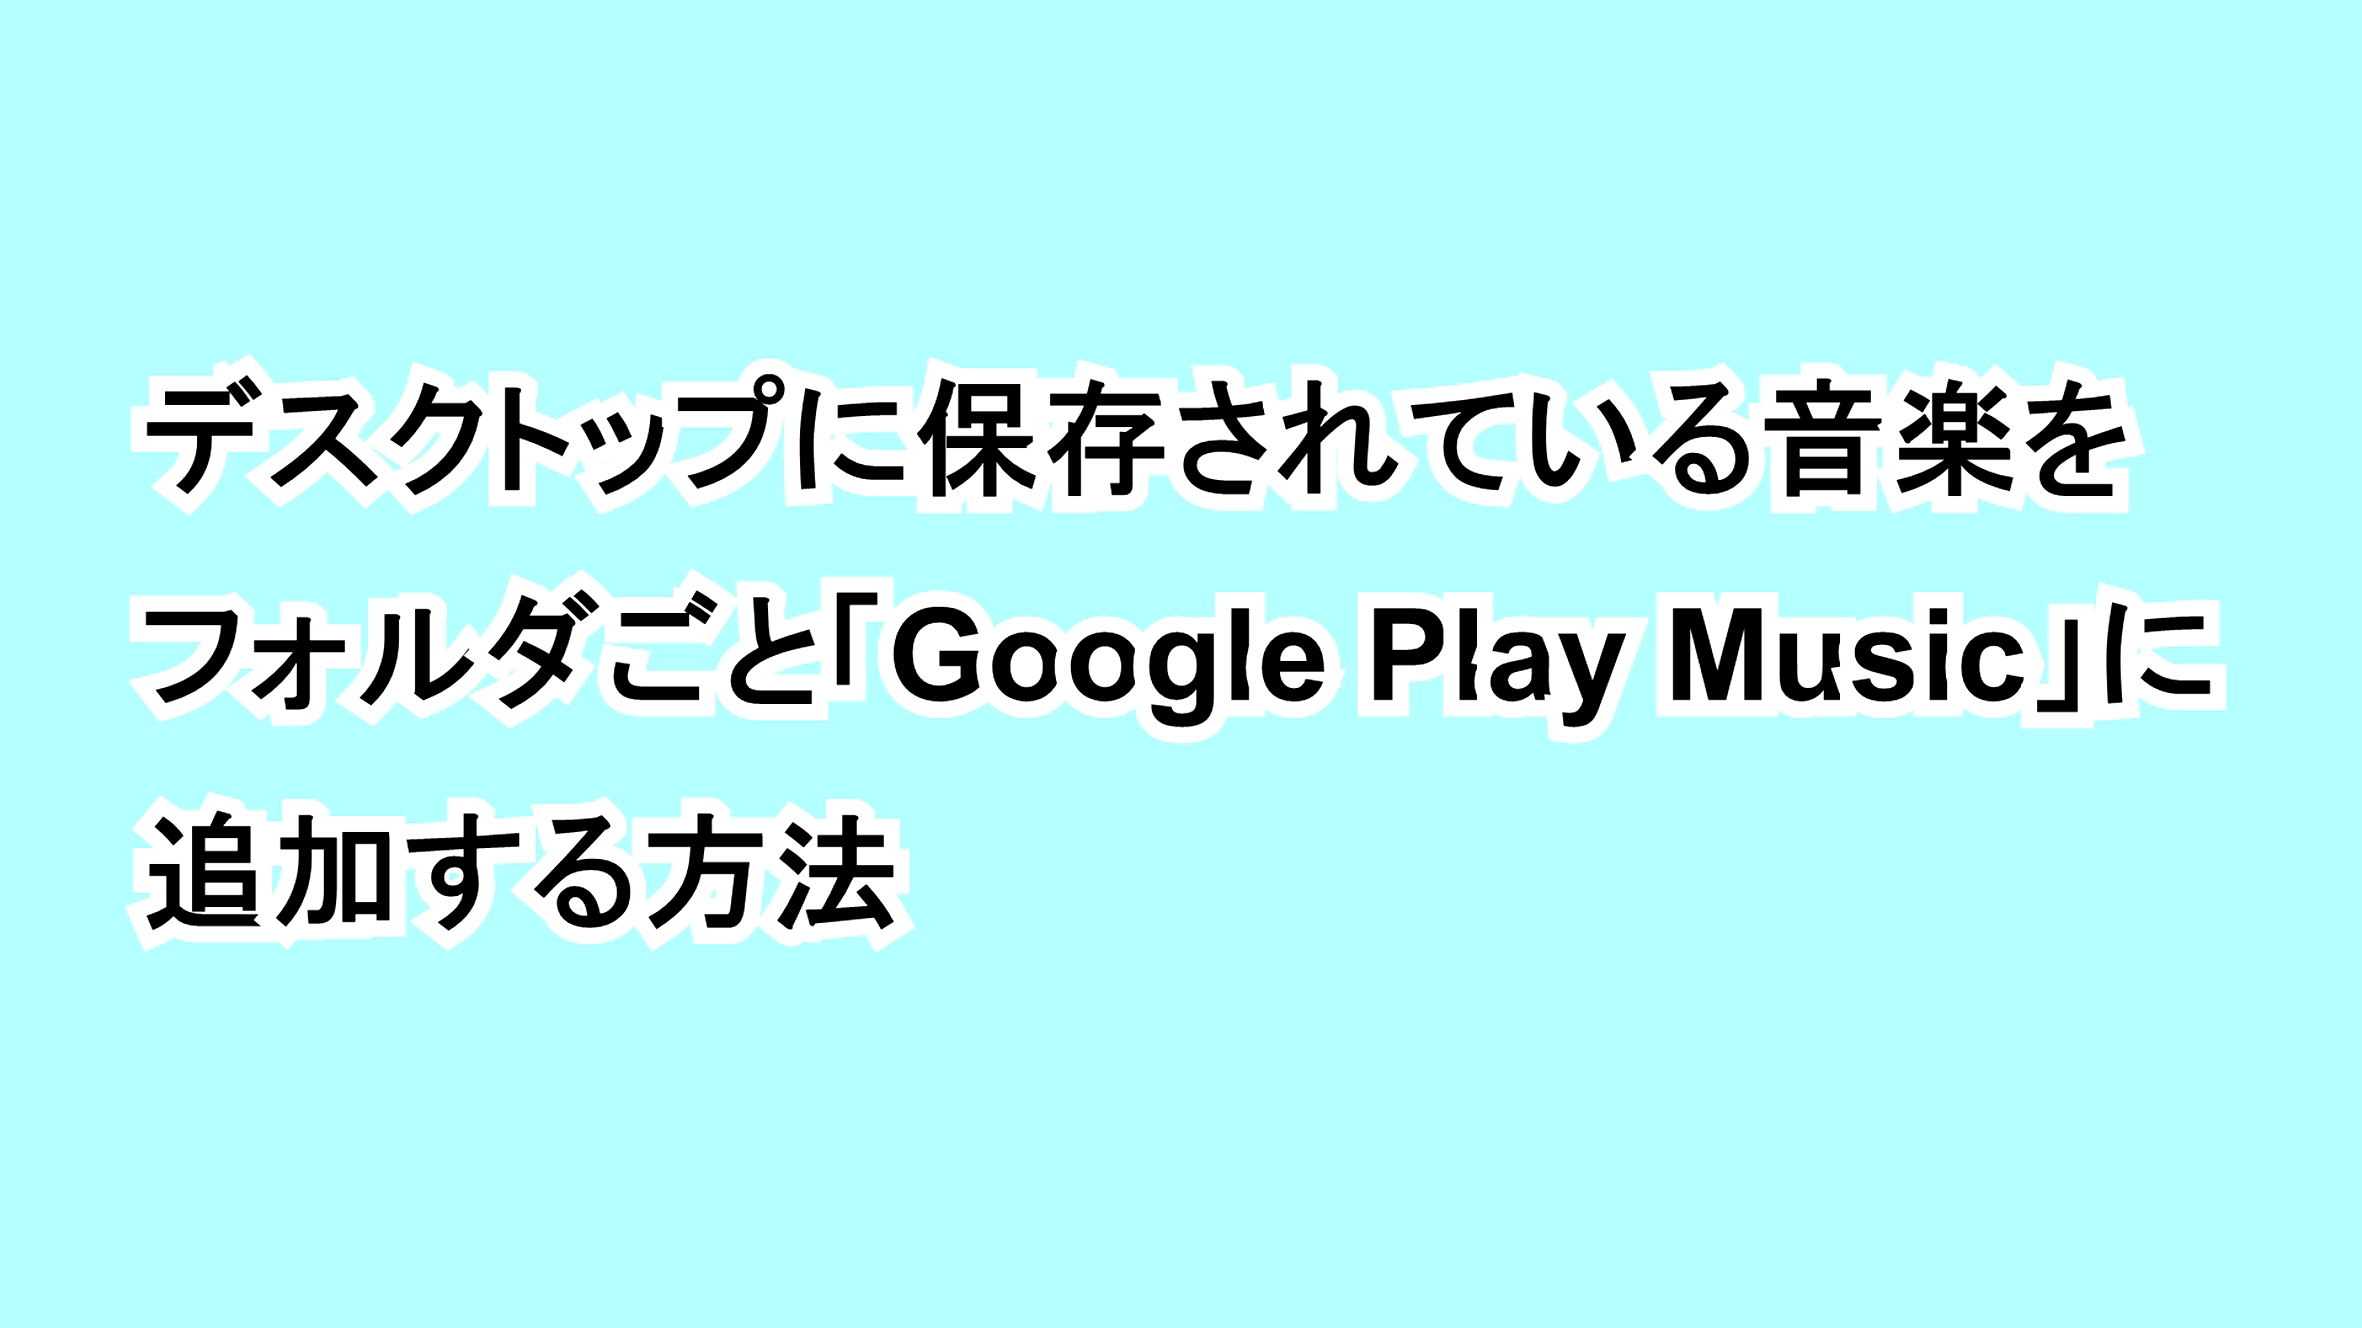 デスクトップに保存されている音楽をフォルダごと「Google Play Music」に追加する方法